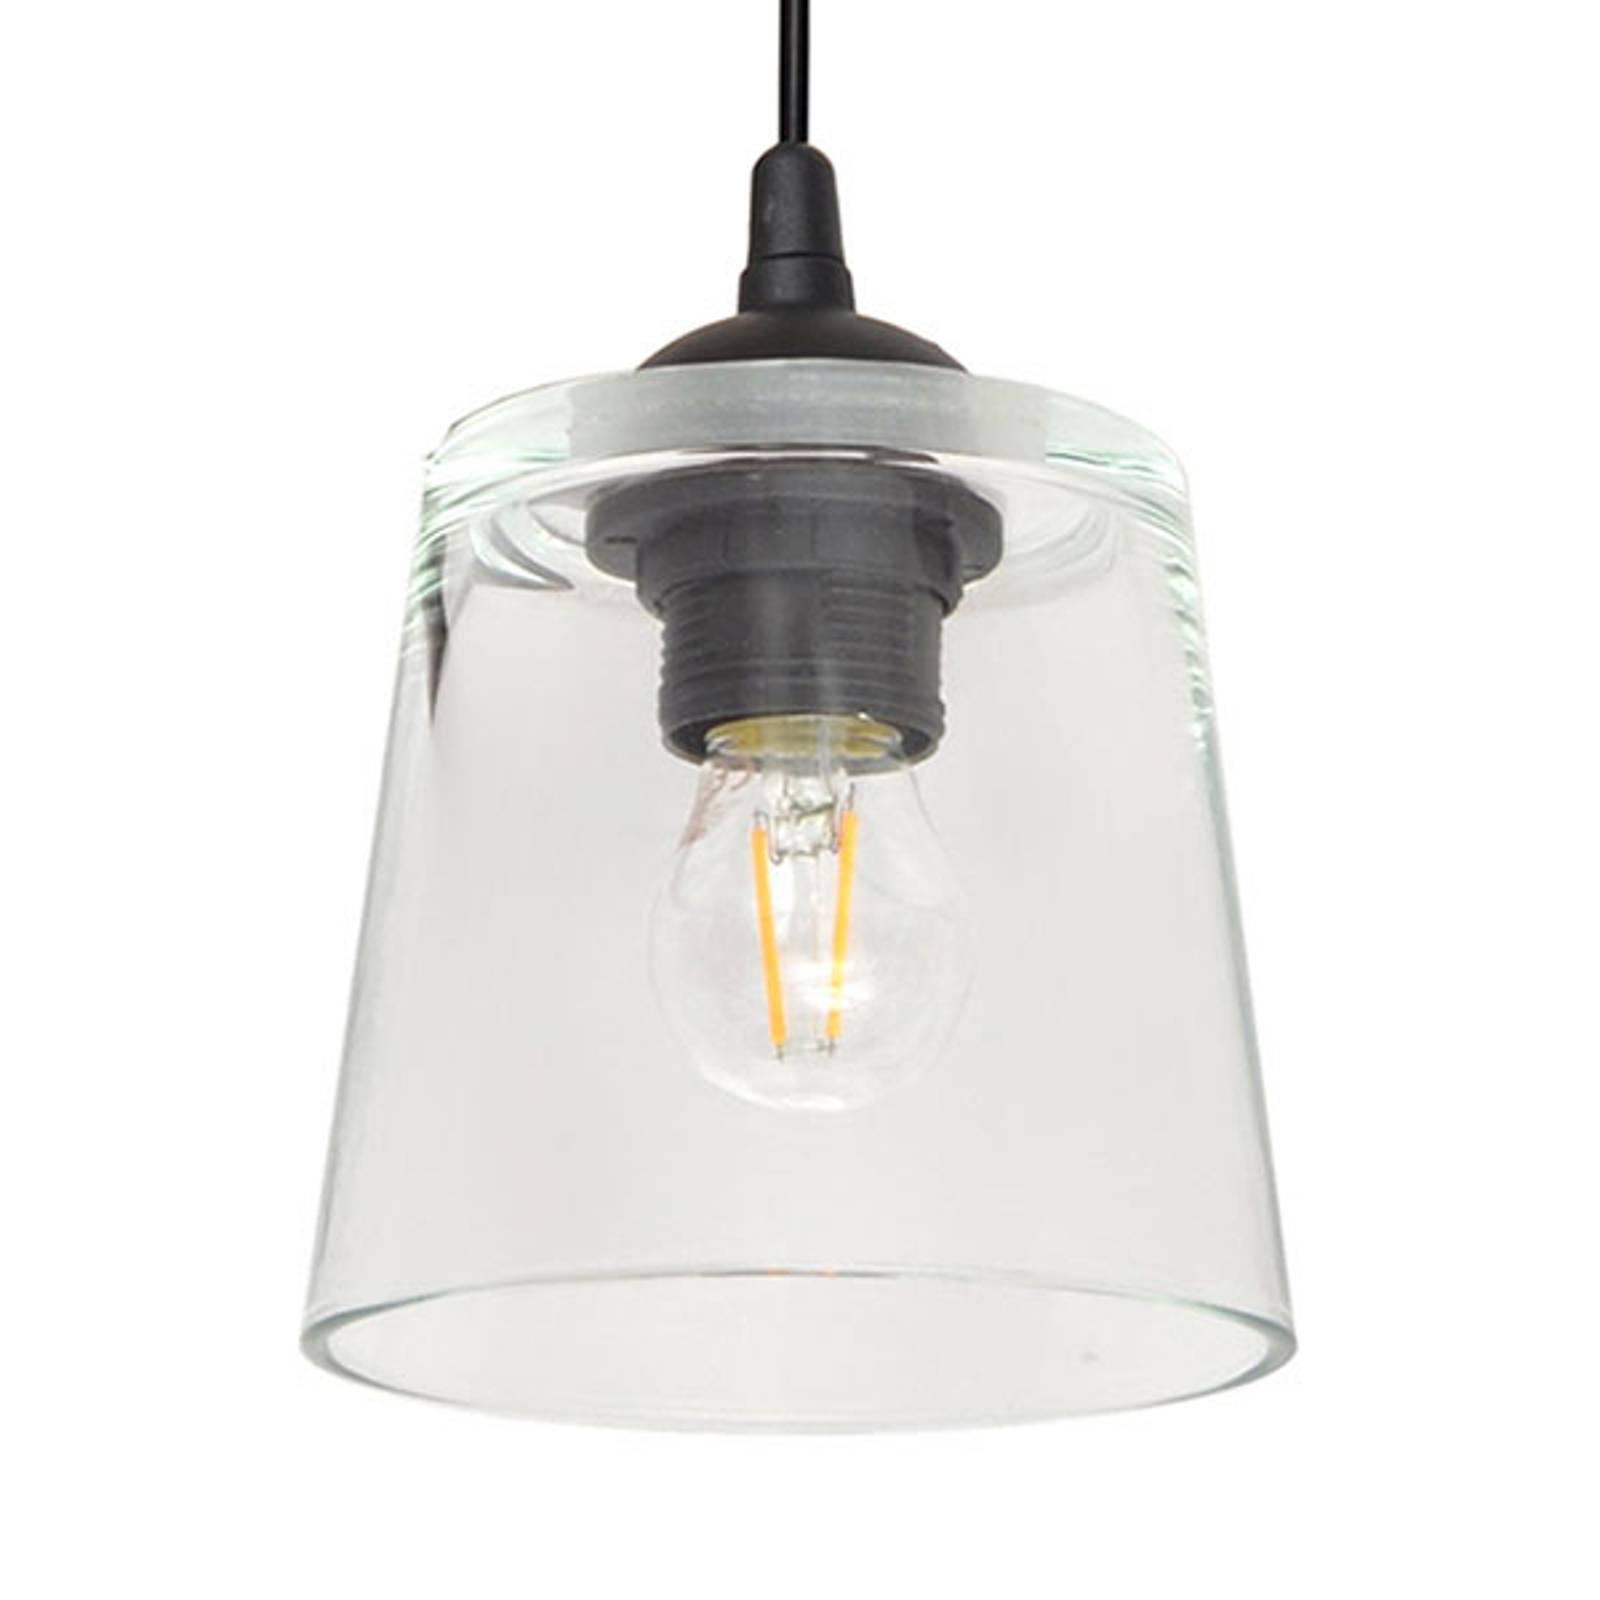 Lampa wisząca Lucea 1-pkt. klosz przezroczysty